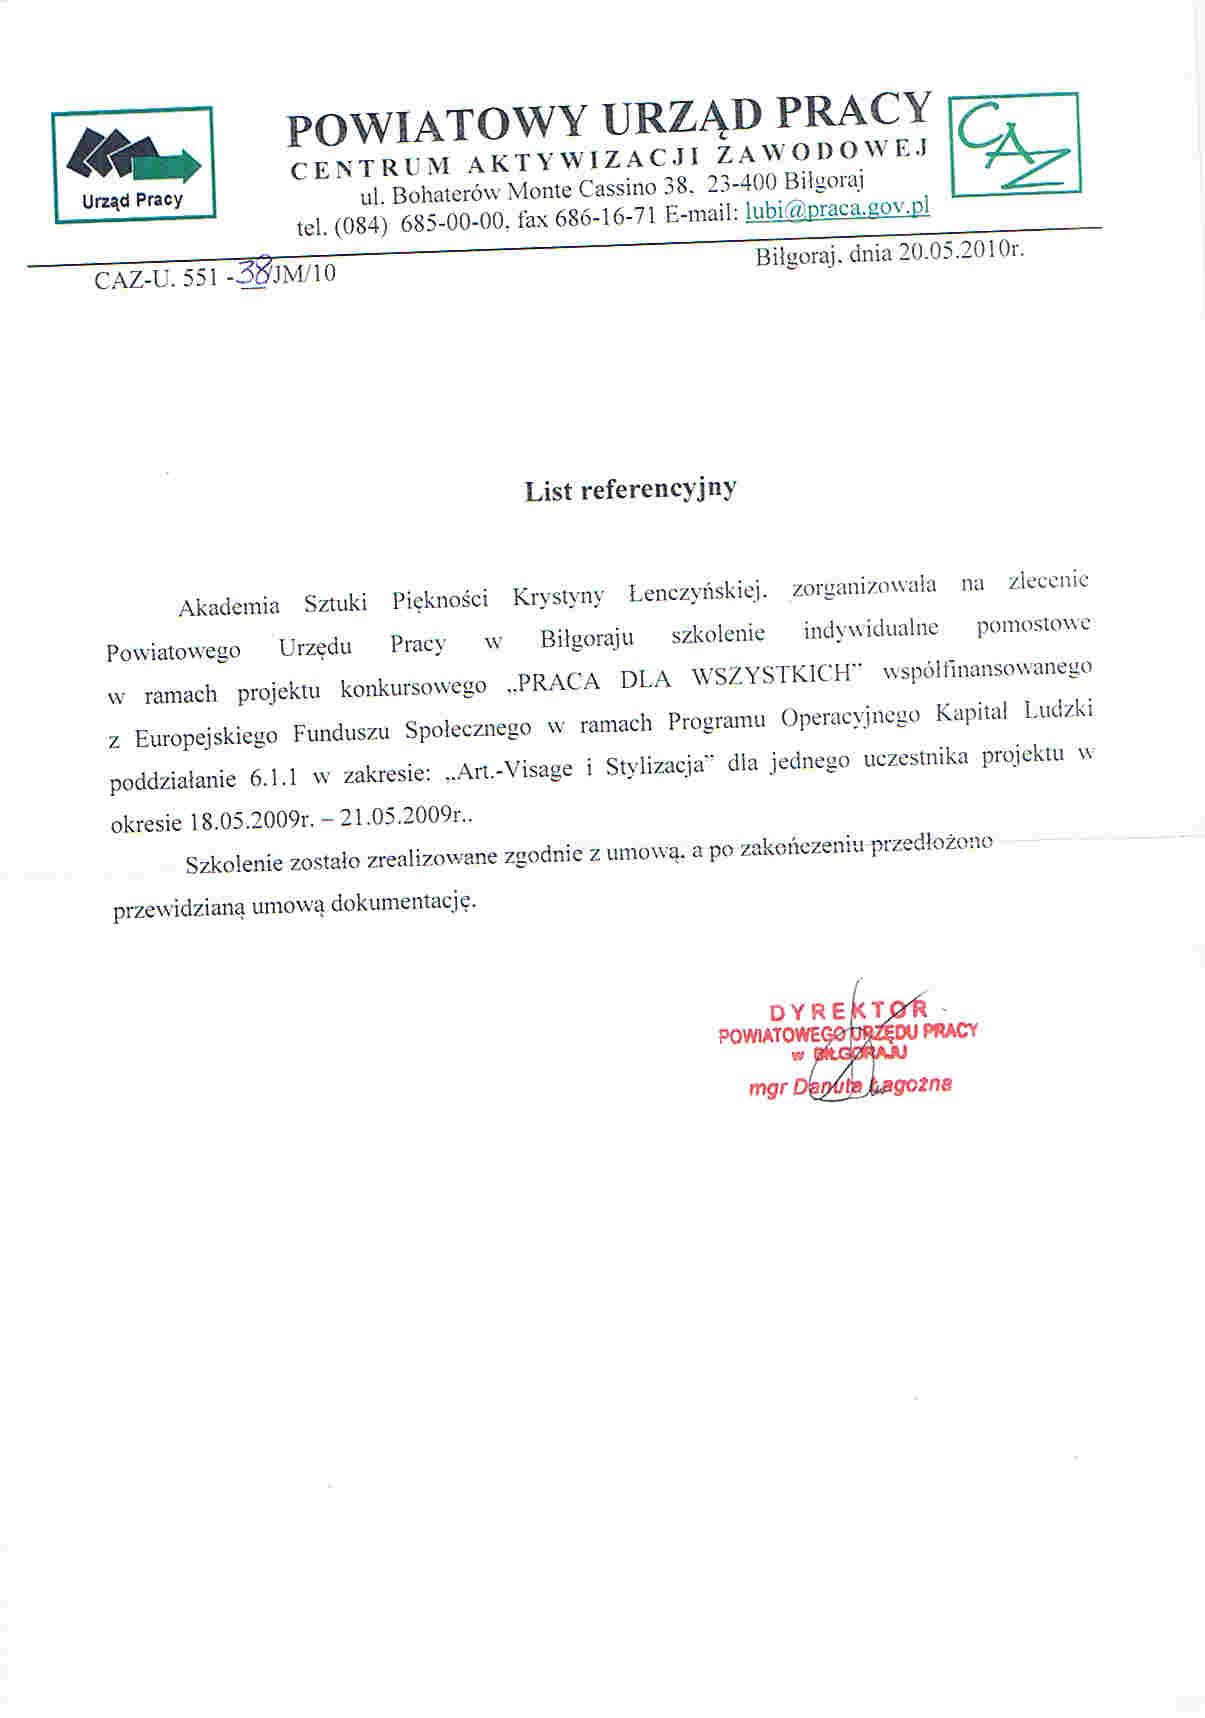 Powiatowy Urząd Pracy w Biłgoraju-Biłgoraj